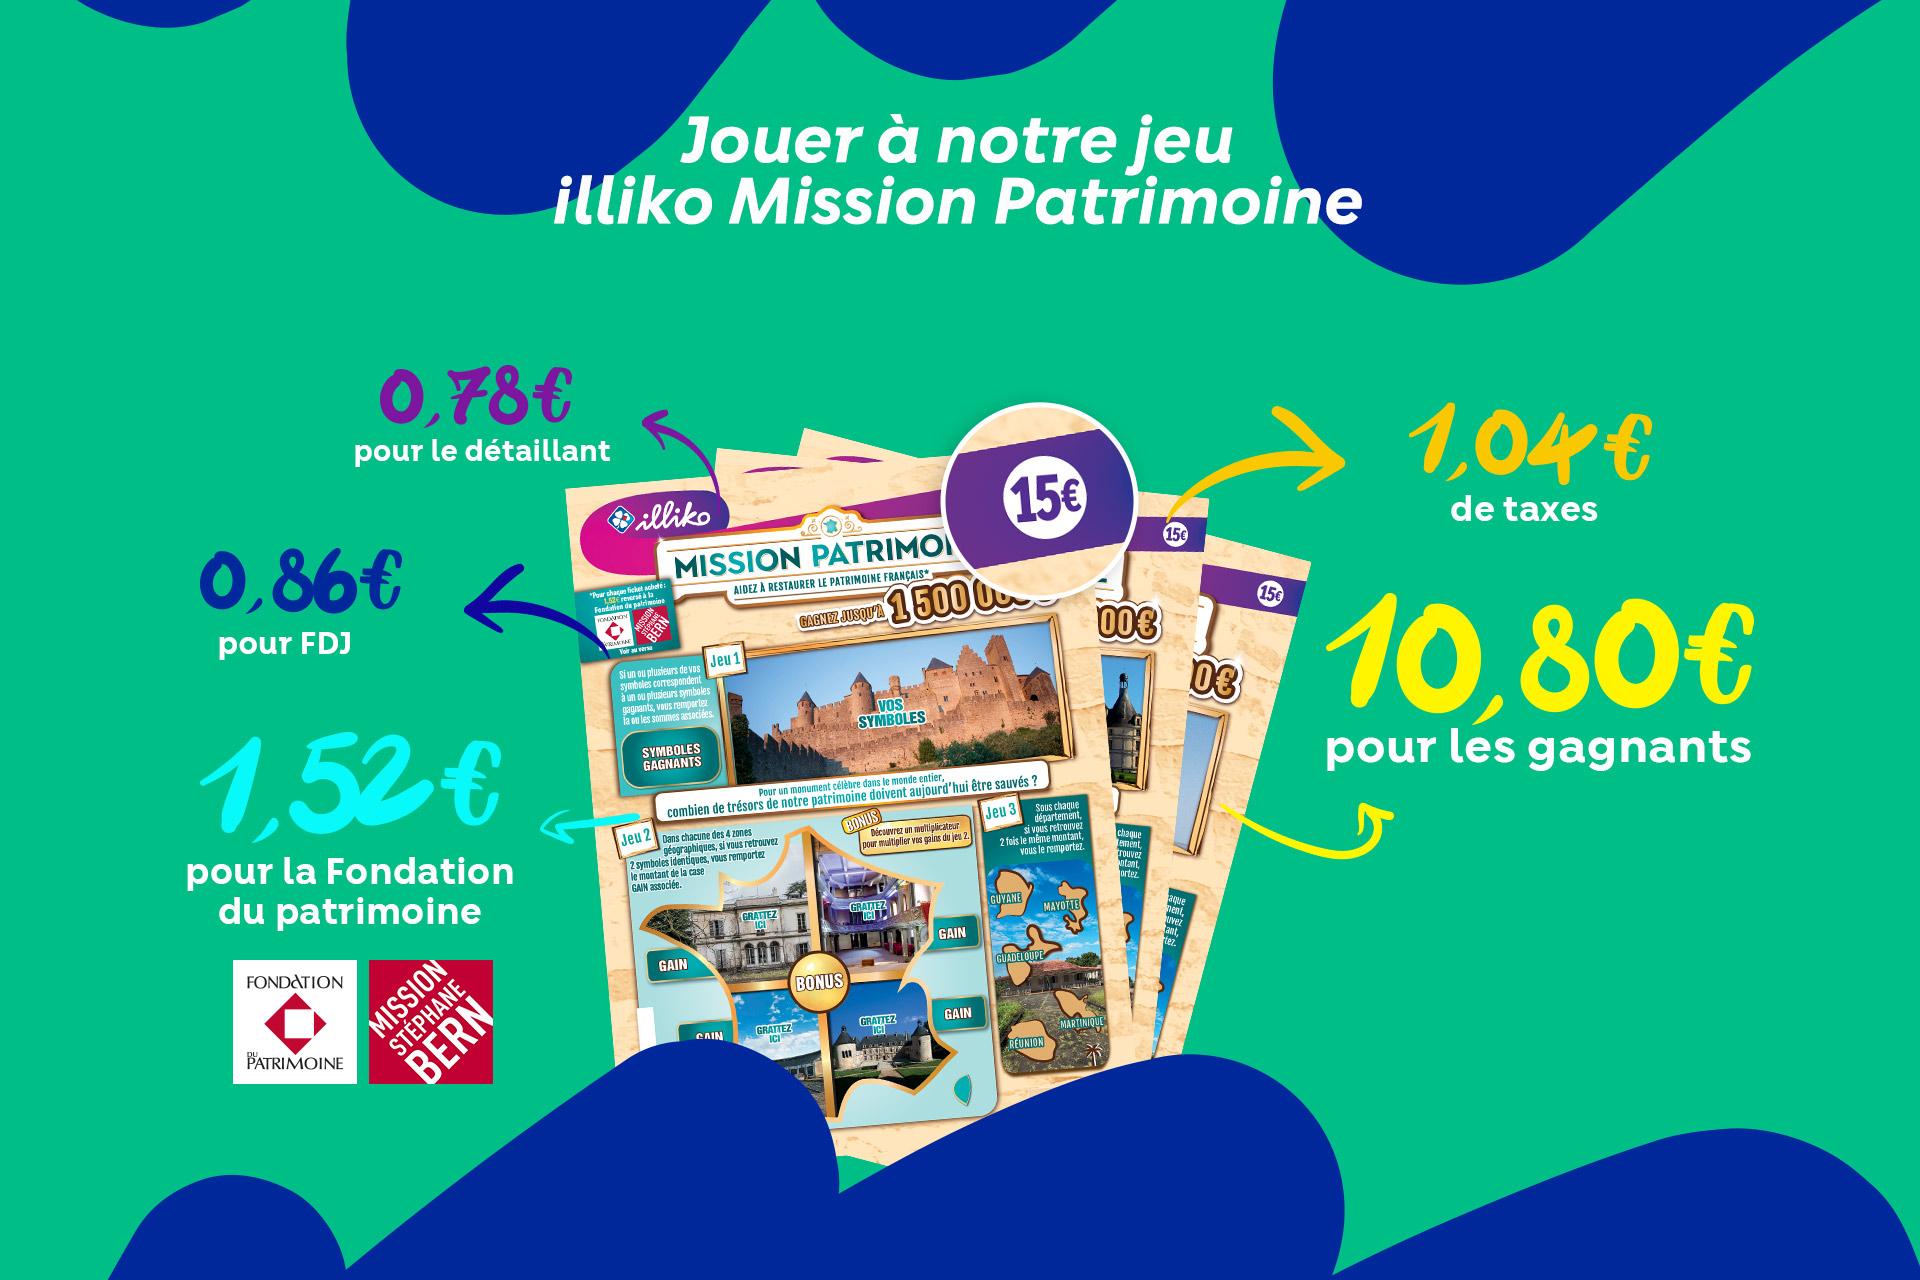 Découvrez l'offre de grattage illiko Patrimoine sur FDJ.fr